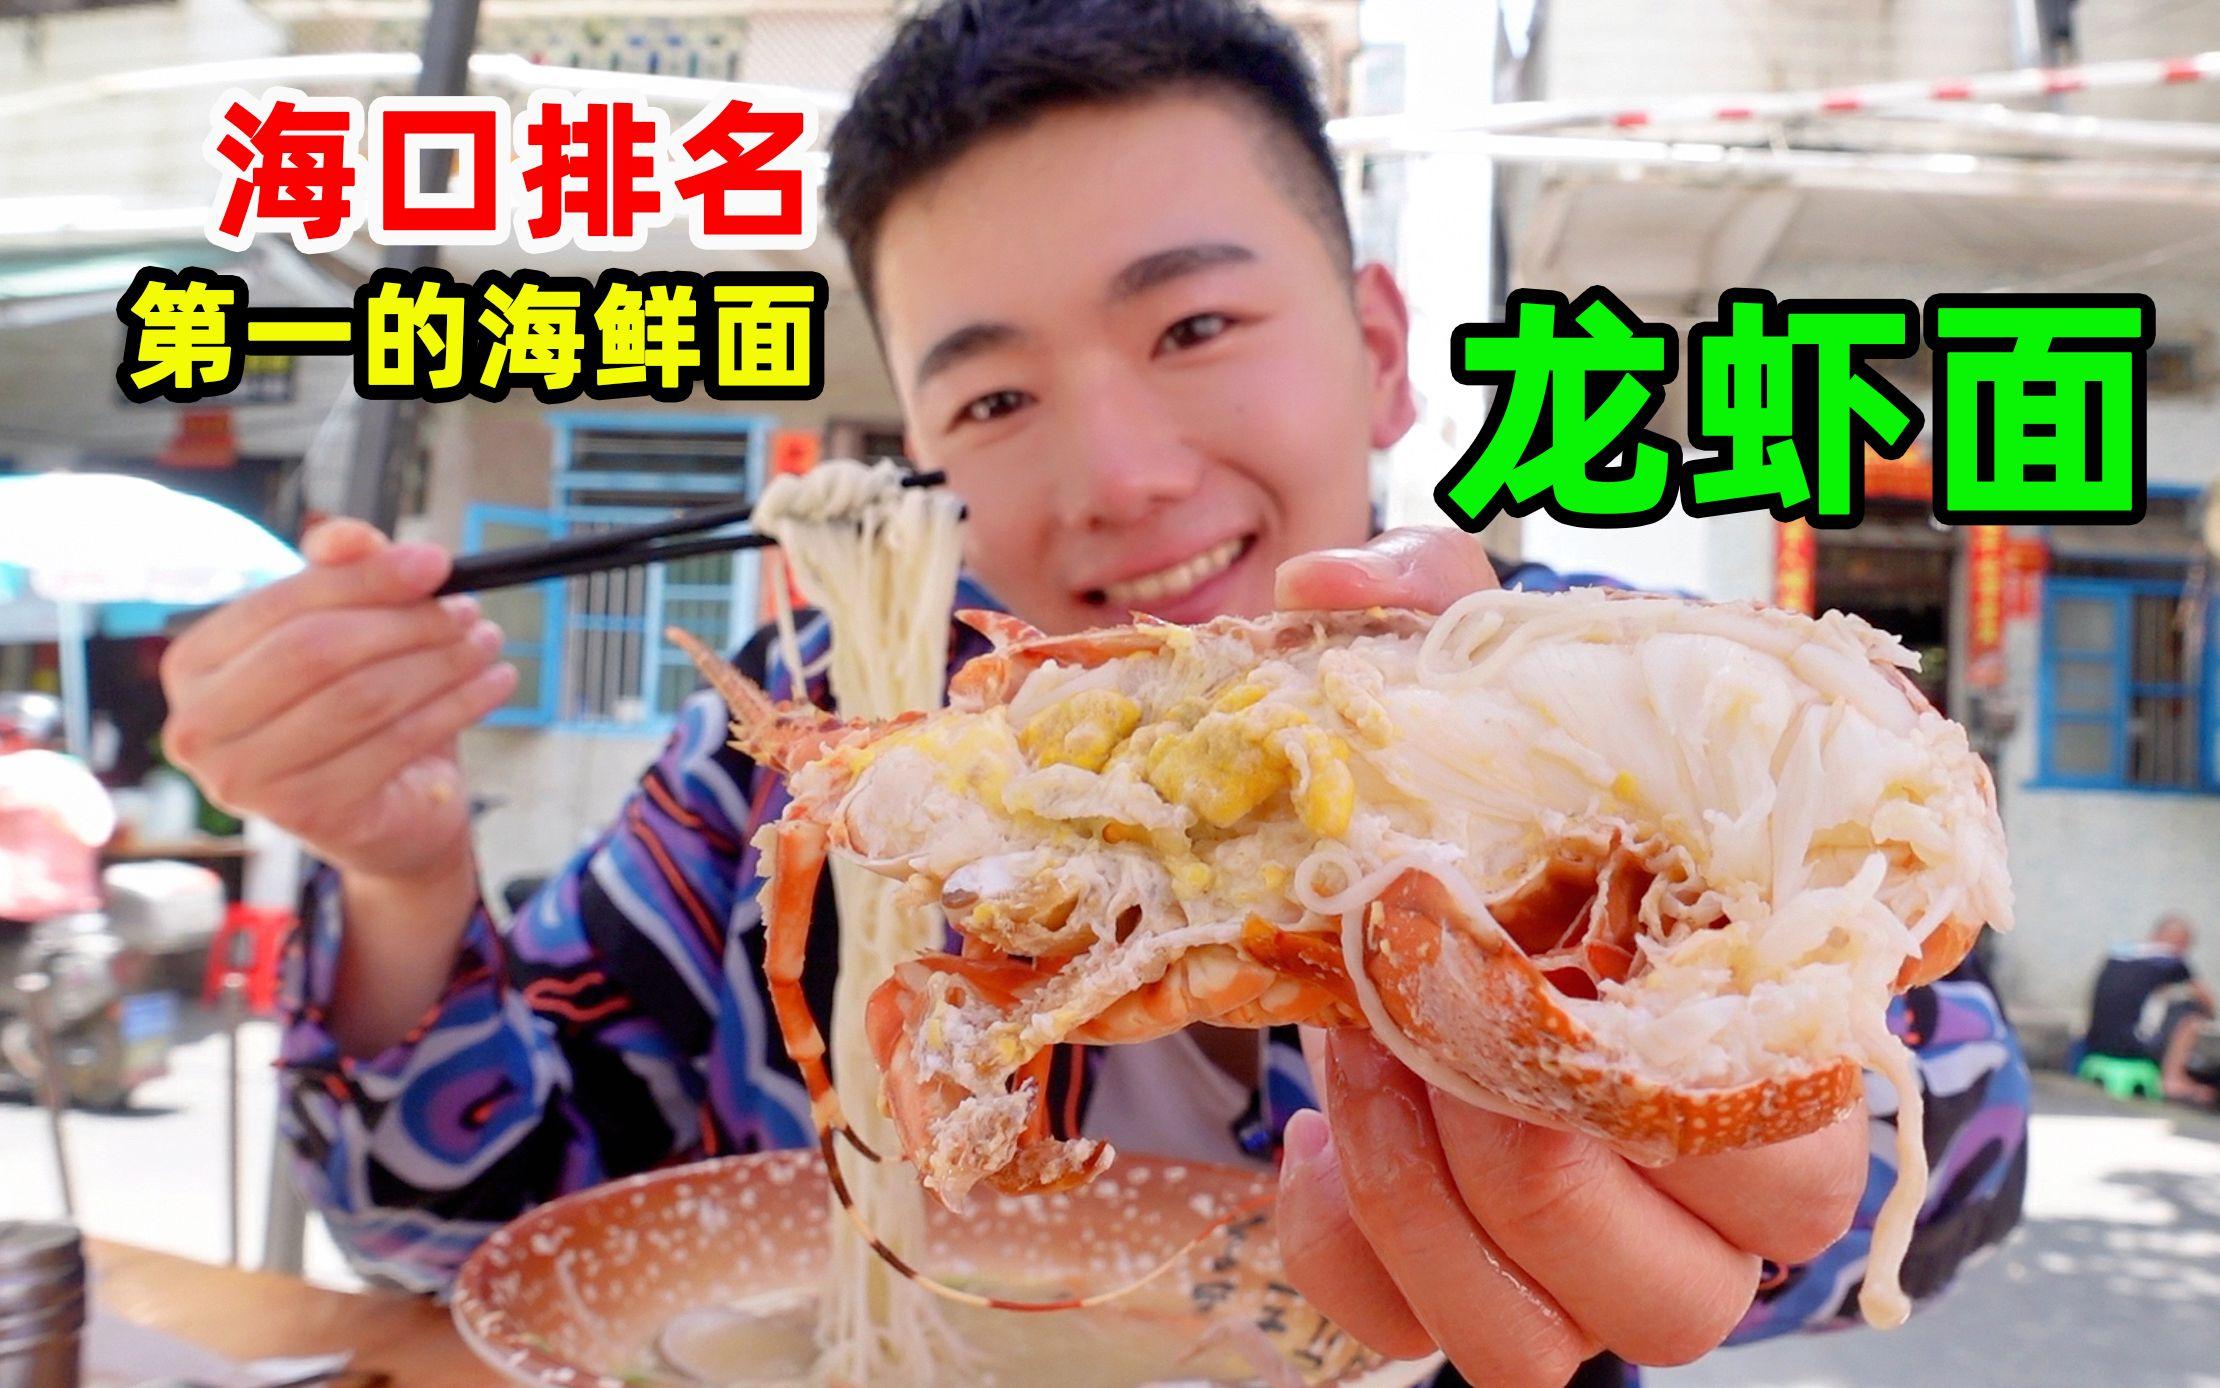 花140元在海口吃排名第一的龙虾面, 25元一碗海鲜面料超足, 值吗